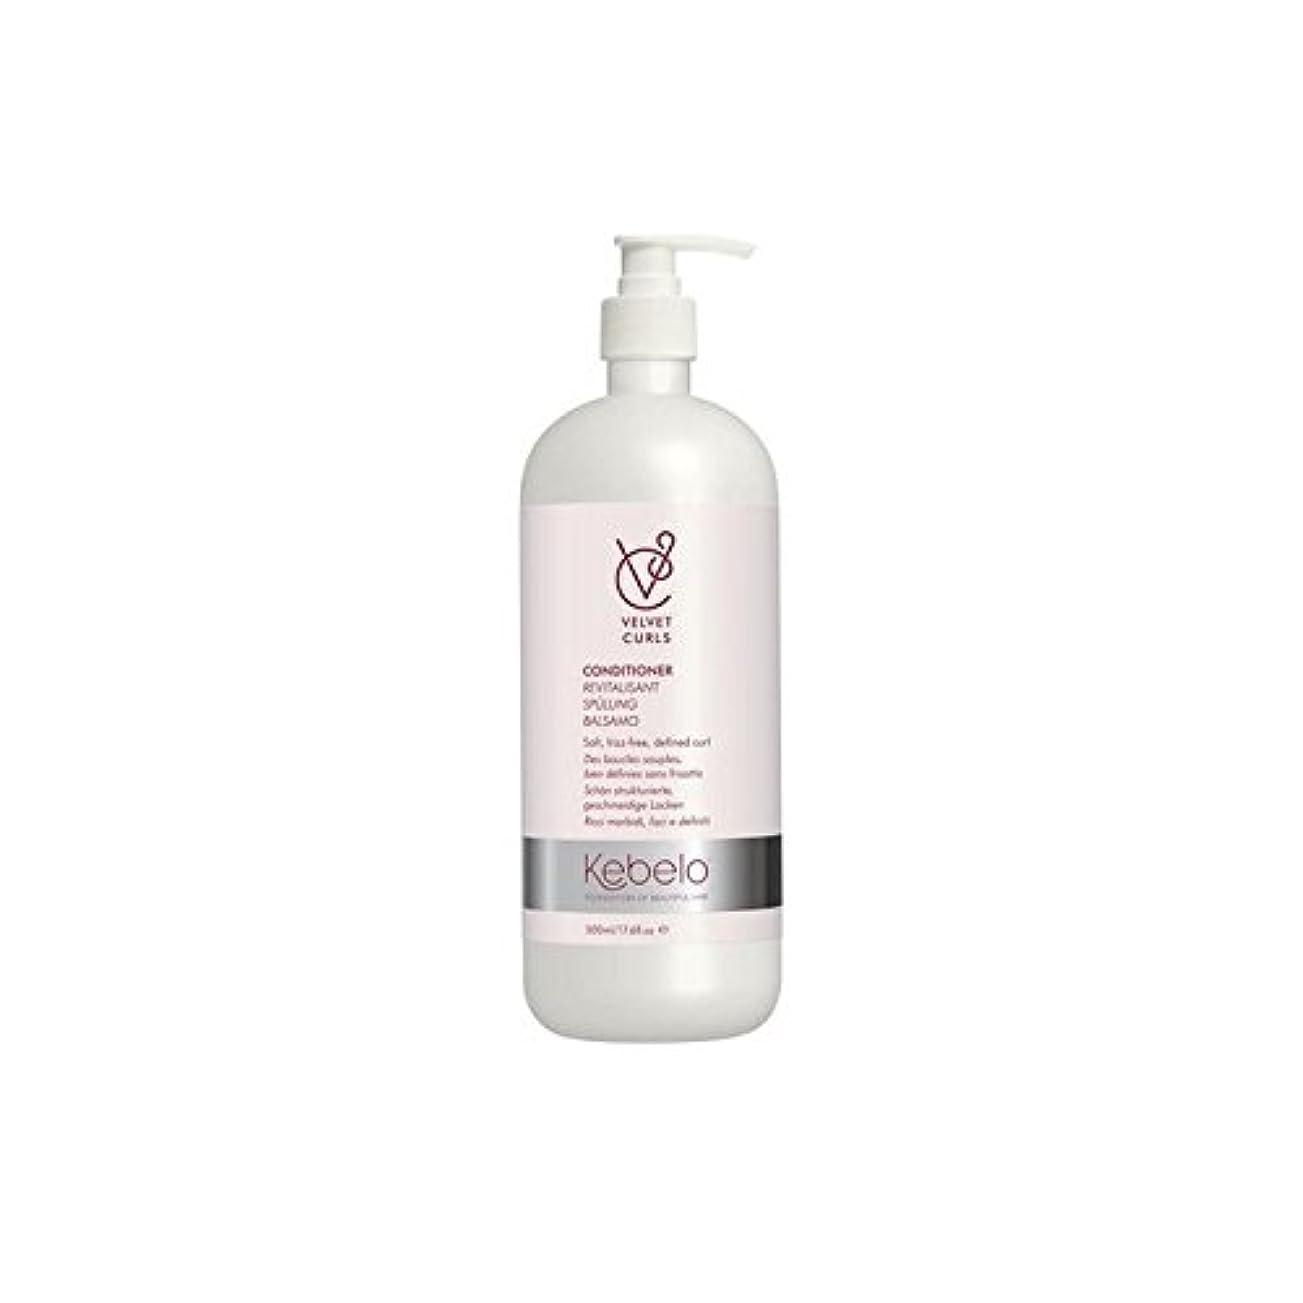 構成員梨レコーダーKebelo Velvet Curls Conditioner (500ml) (Pack of 6) - ベルベットのカールコンディショナー(500ミリリットル) x6 [並行輸入品]